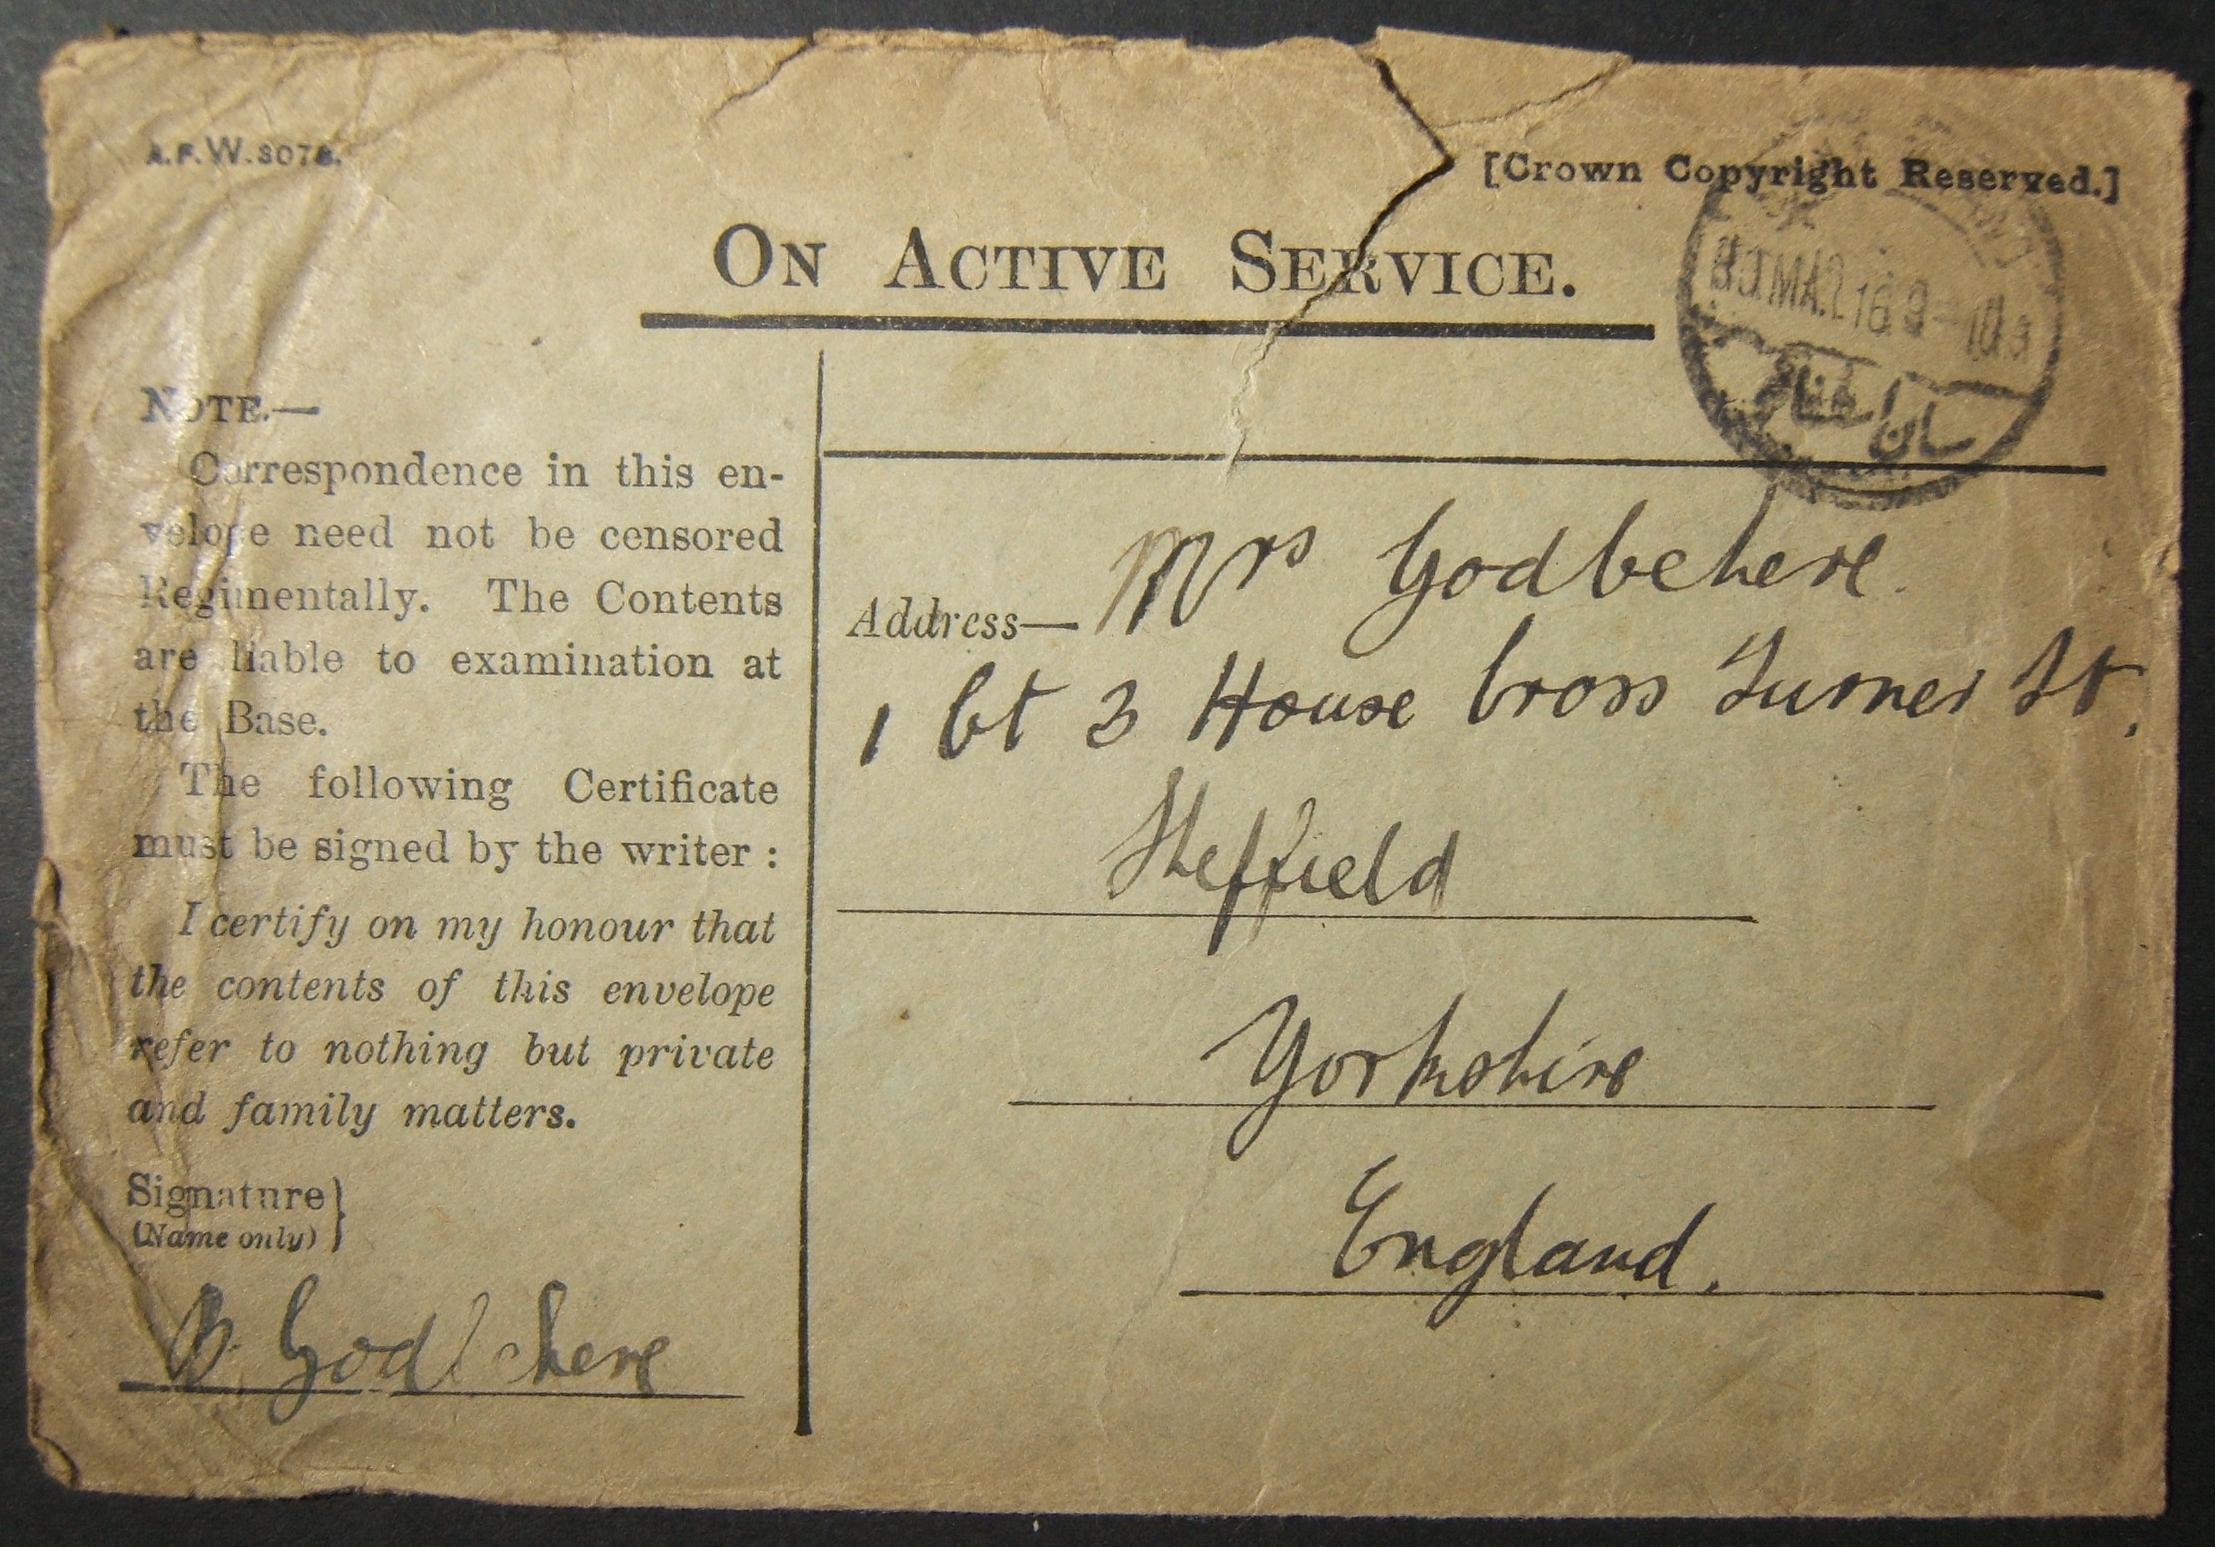 3/1916 WWI unranked הבריטי דואר צבאי בבריטניה דרך הדואר המצרי עם חותמת הדואר המוקדם ביותר